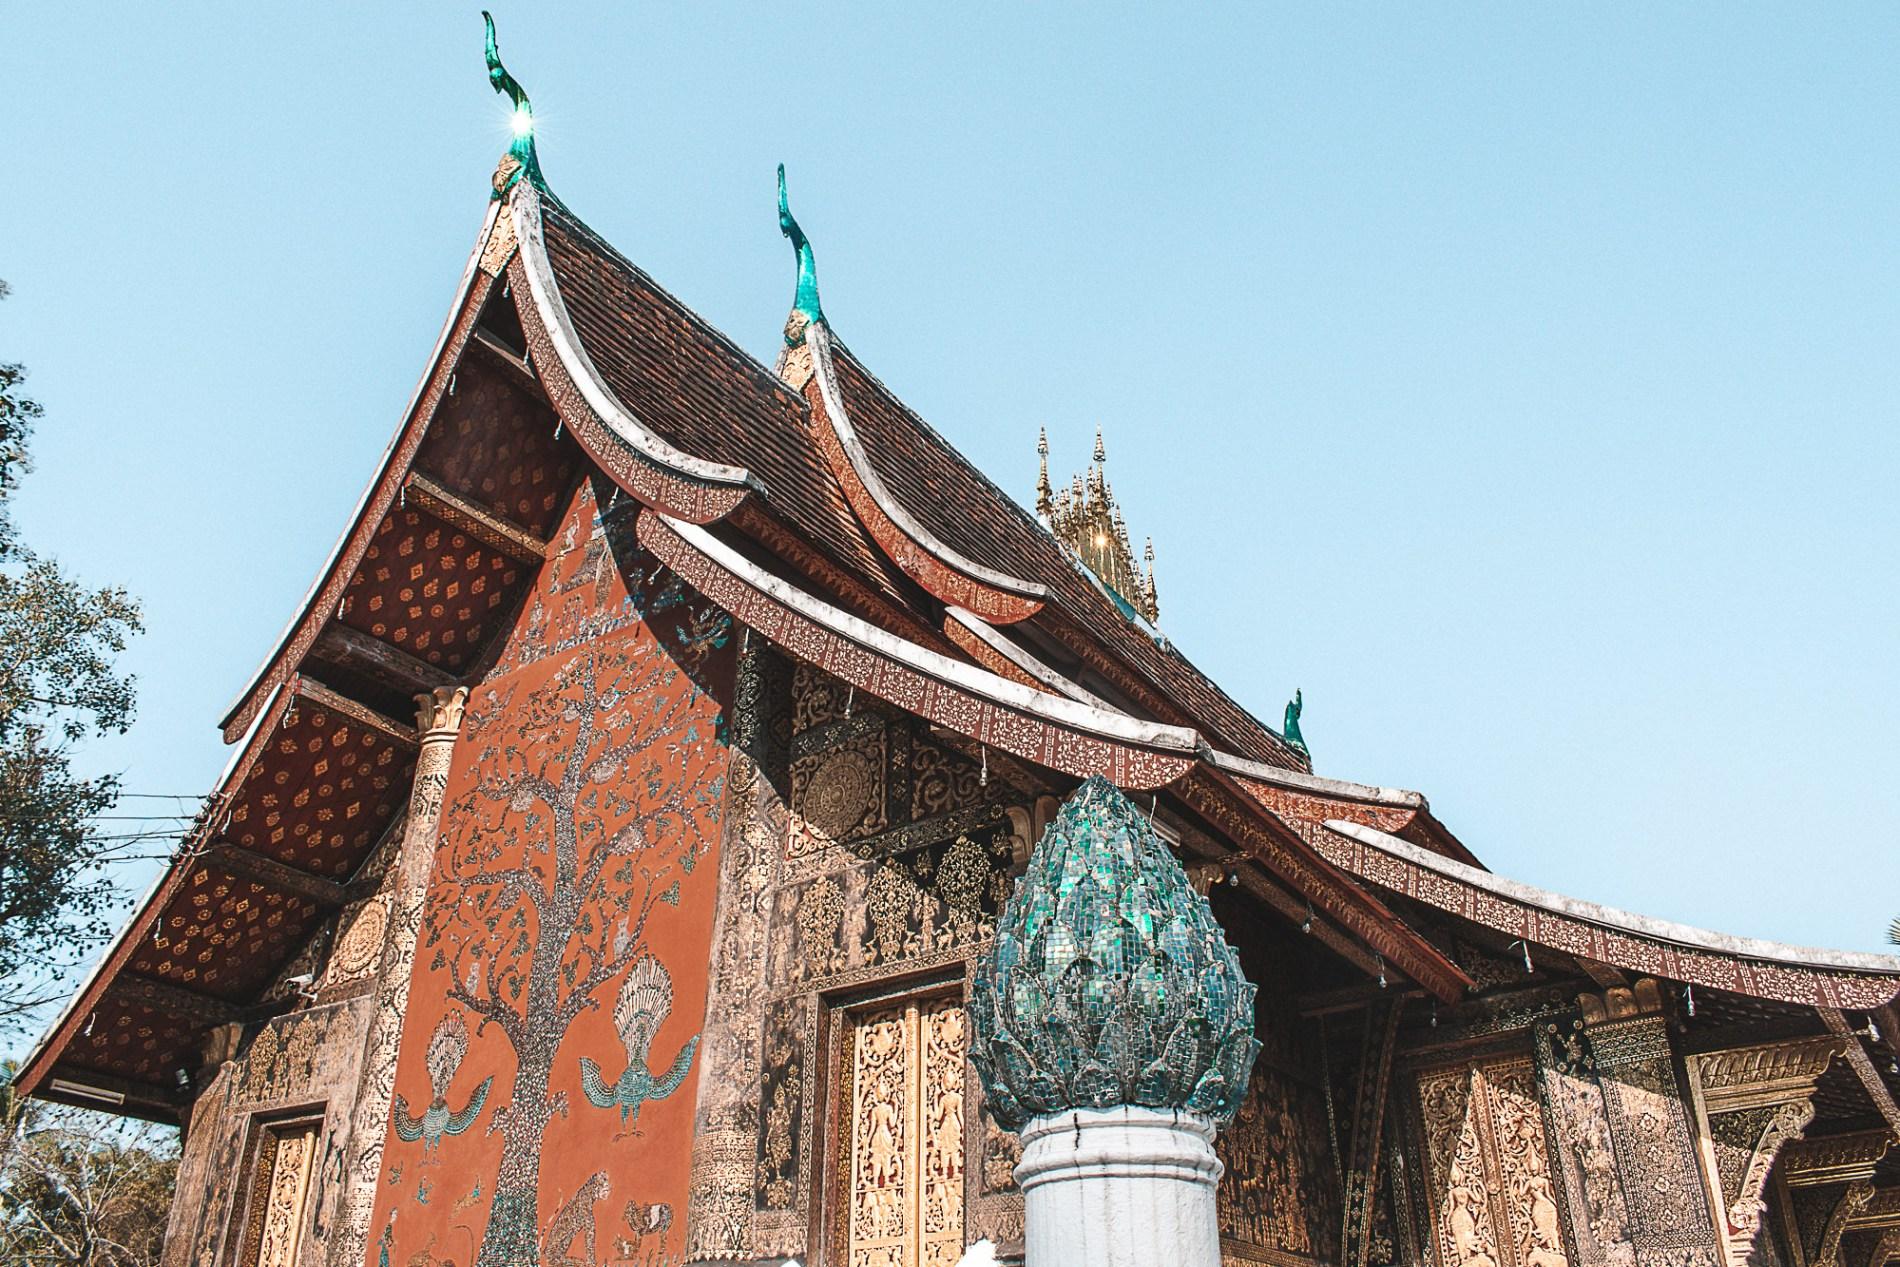 Roteiro de viagem em Luang Prabang no Laos